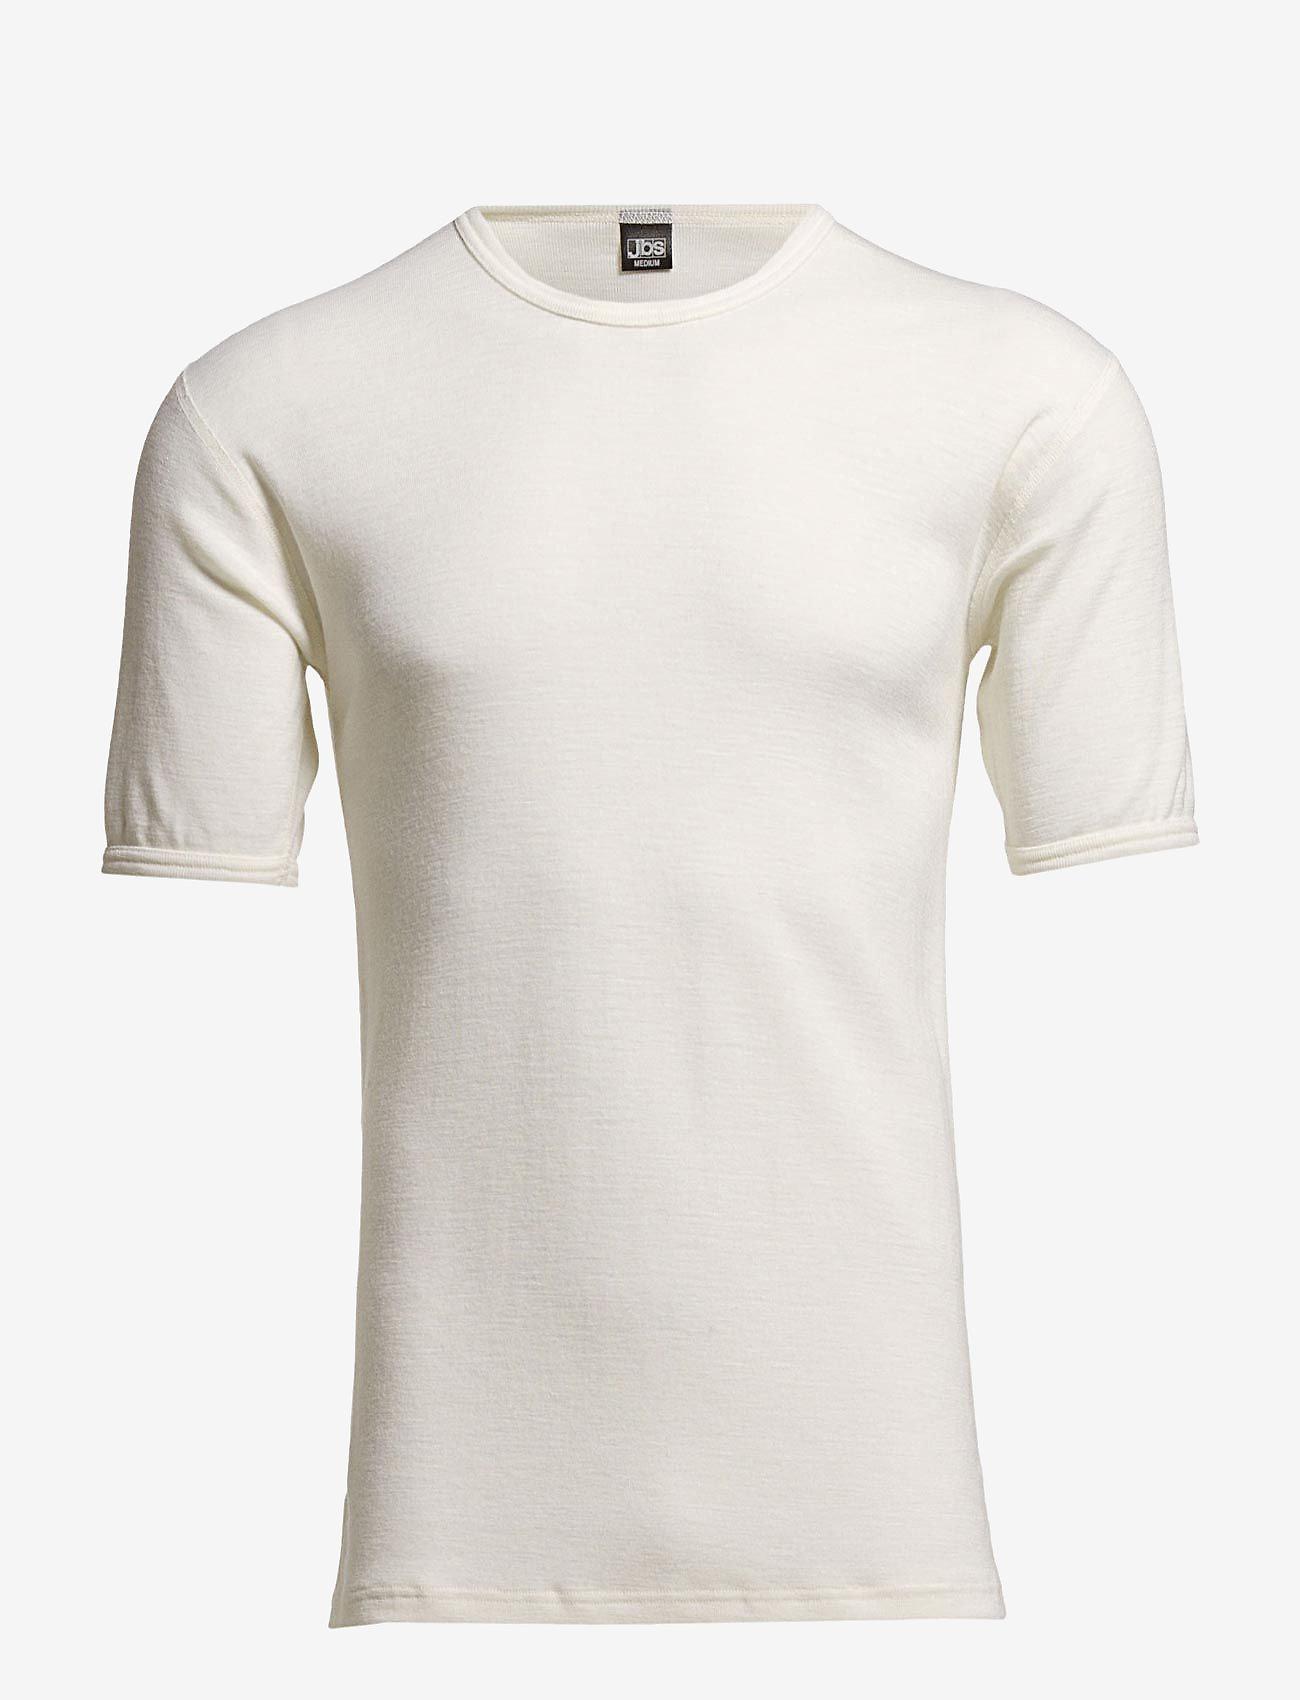 JBS - JBS, t-shirt - white - 0